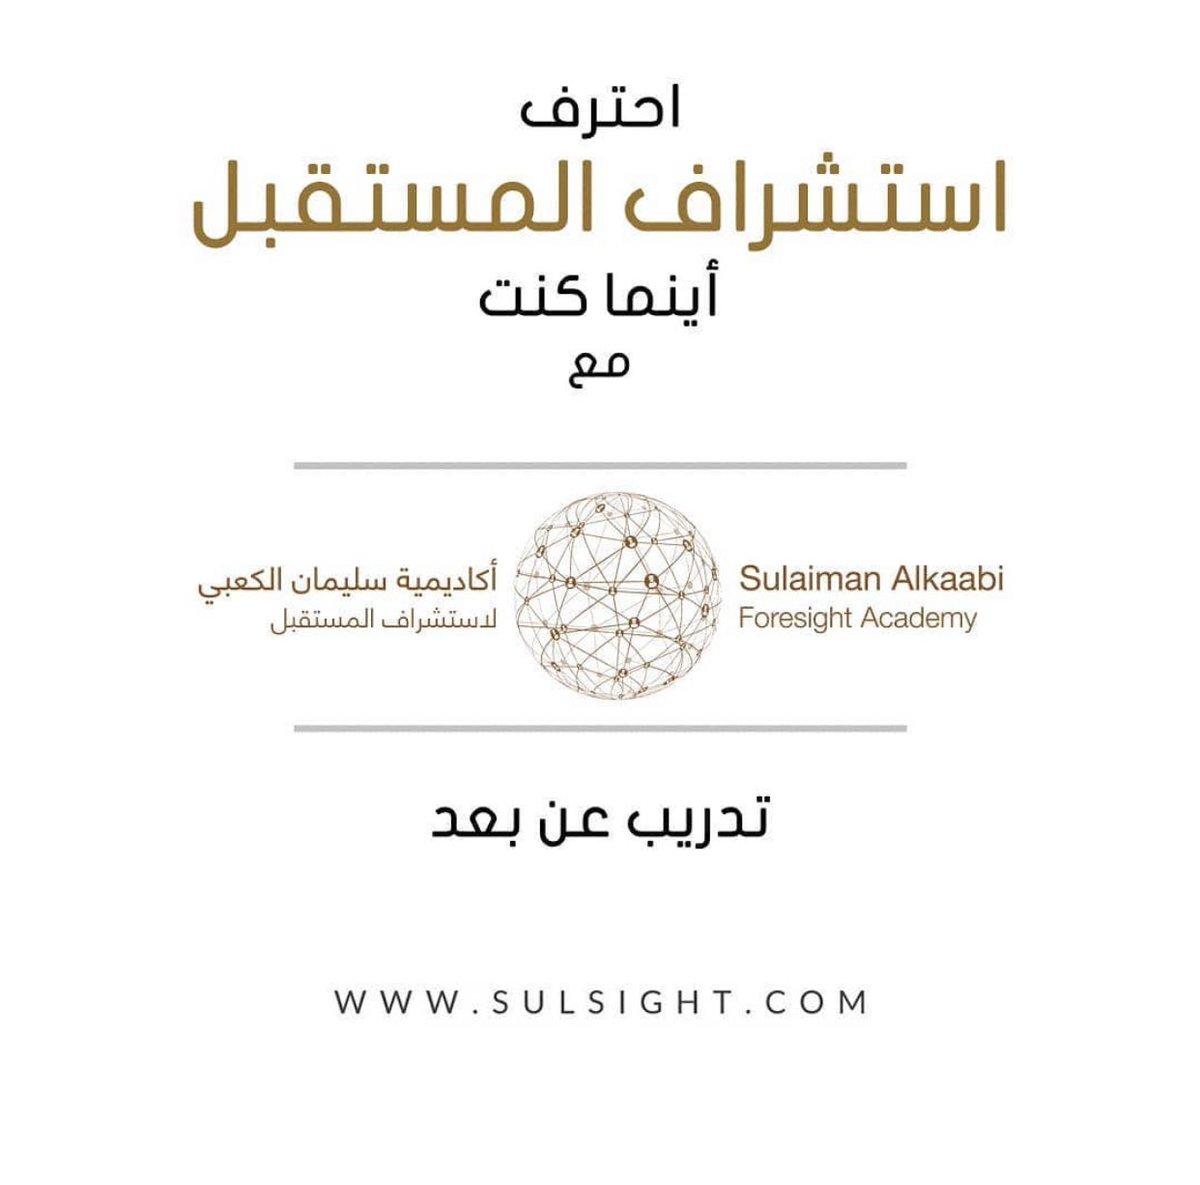 احترف استشراف المستقبل أينما كنت   أكاديمية سليمان الكعبي لاستشراف المستقبل